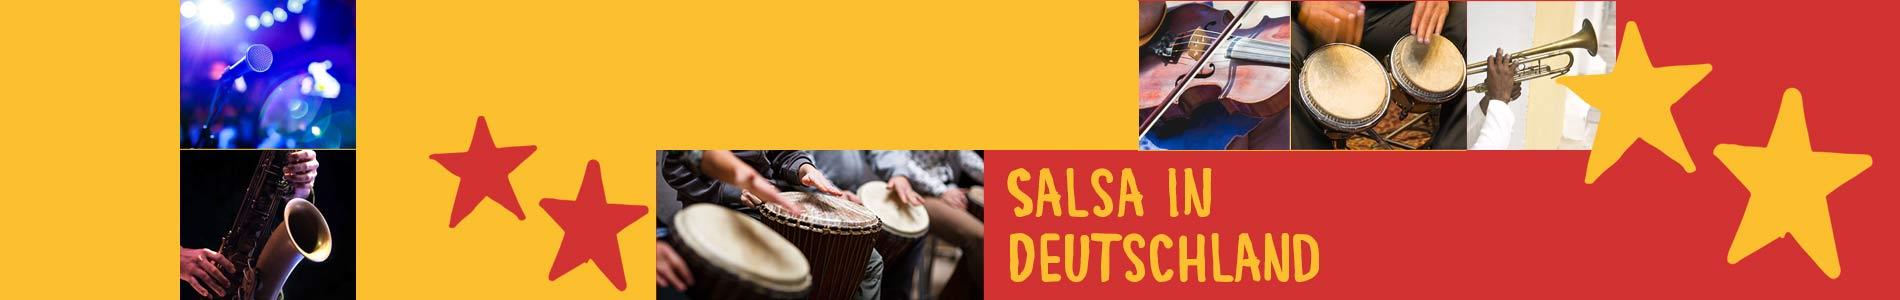 Salsa in Cunewalde – Salsa lernen und tanzen, Tanzkurse, Partys, Veranstaltungen